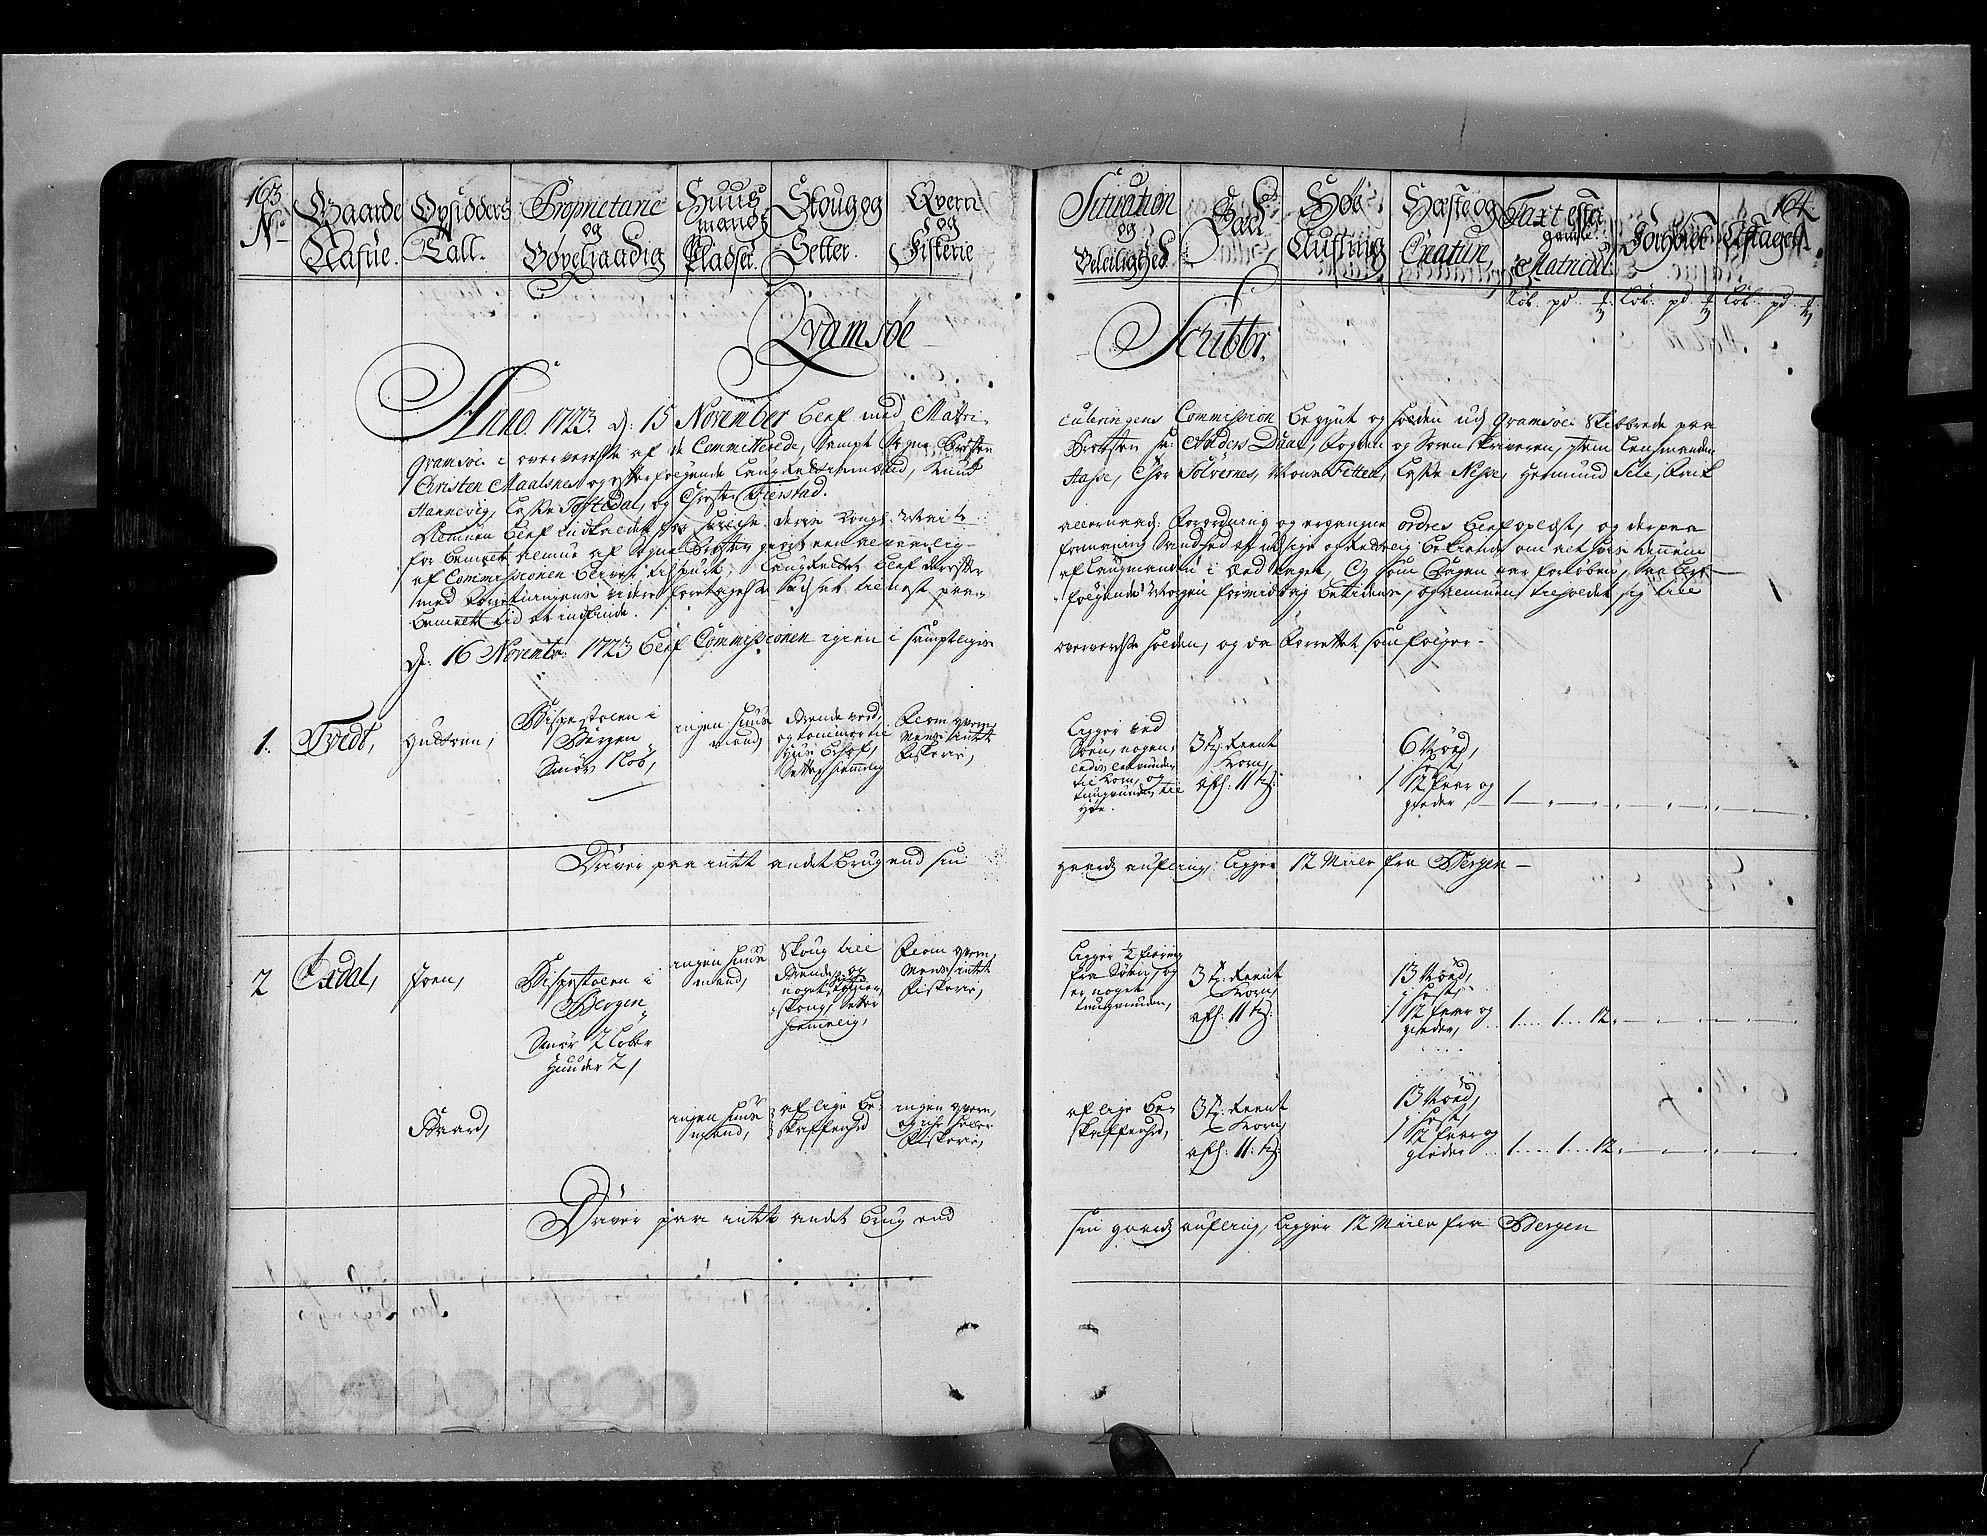 RA, Rentekammeret inntil 1814, Realistisk ordnet avdeling, N/Nb/Nbf/L0143: Ytre og Indre Sogn eksaminasjonsprotokoll, 1723, s. 163-164